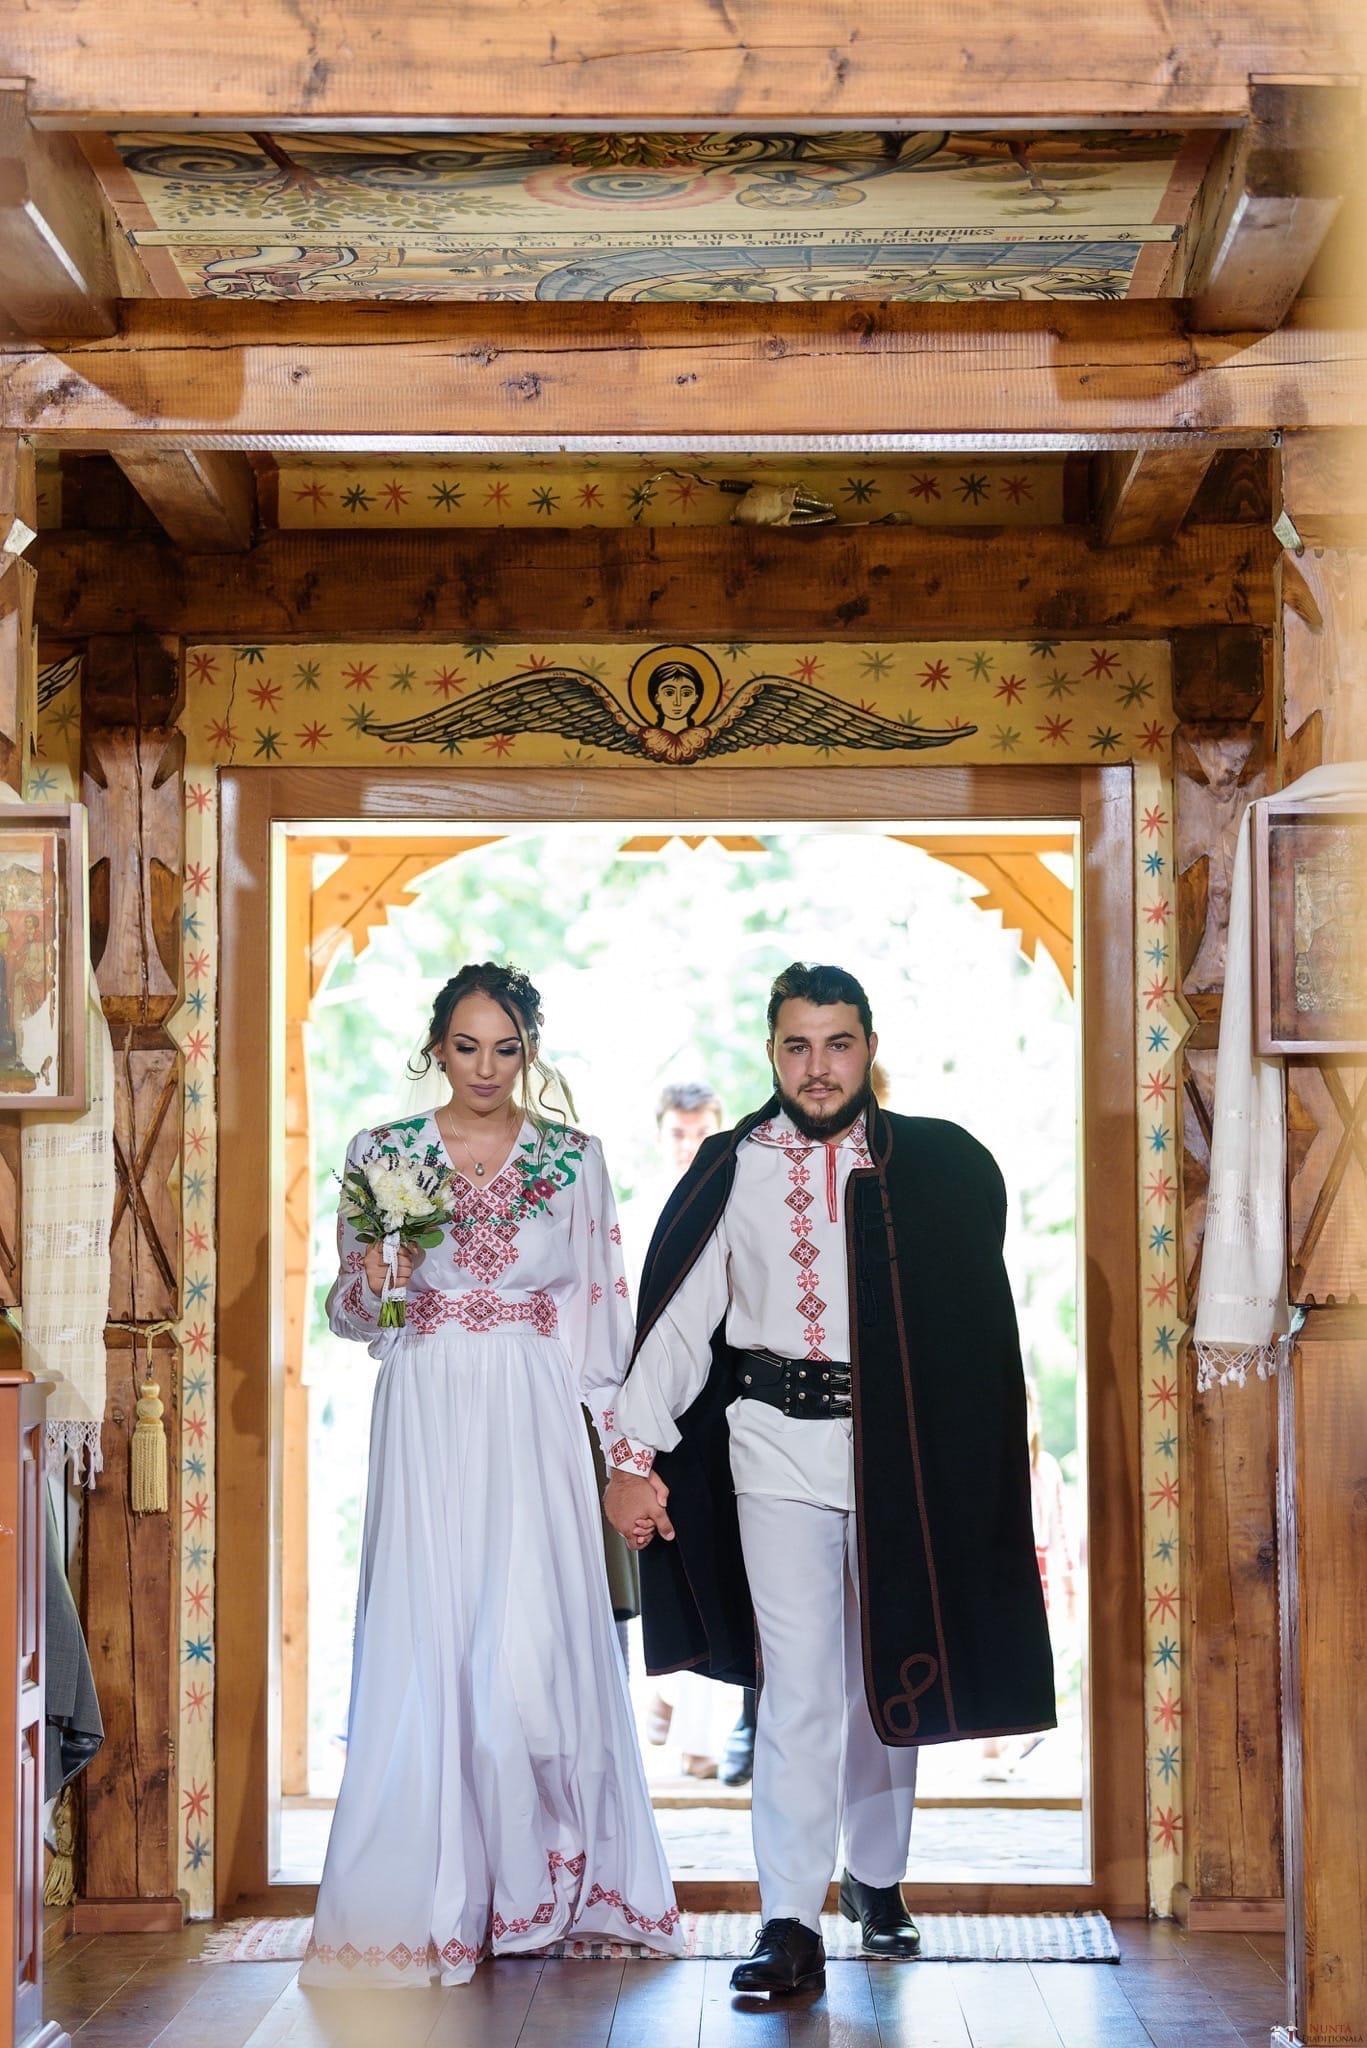 Povești Nunți Tradiționale - Daniela și Cristian, nuntă tradițională în Slobozia, Giurgiu 12